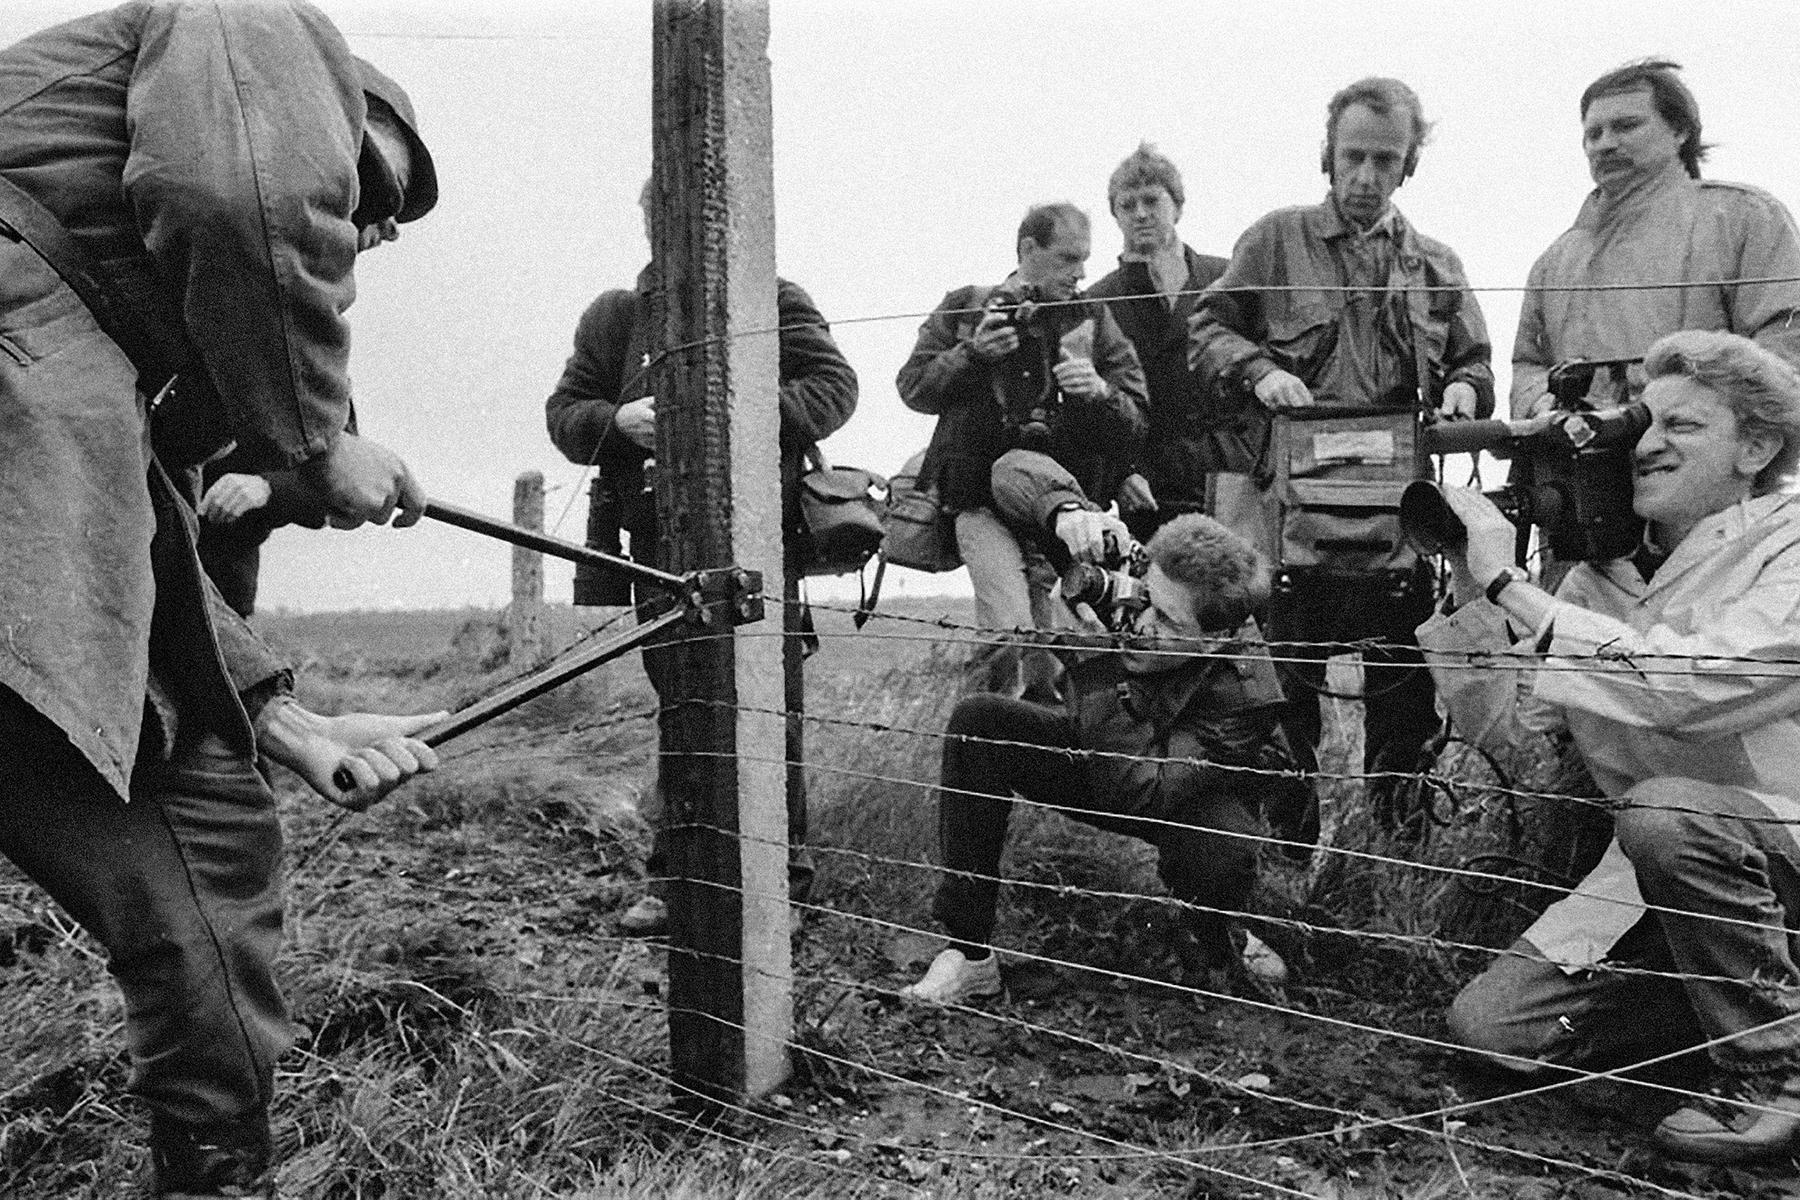 Ungarisch-österreichische Grenze 1989. © FORTEPAN / Zsolt Szigetváry